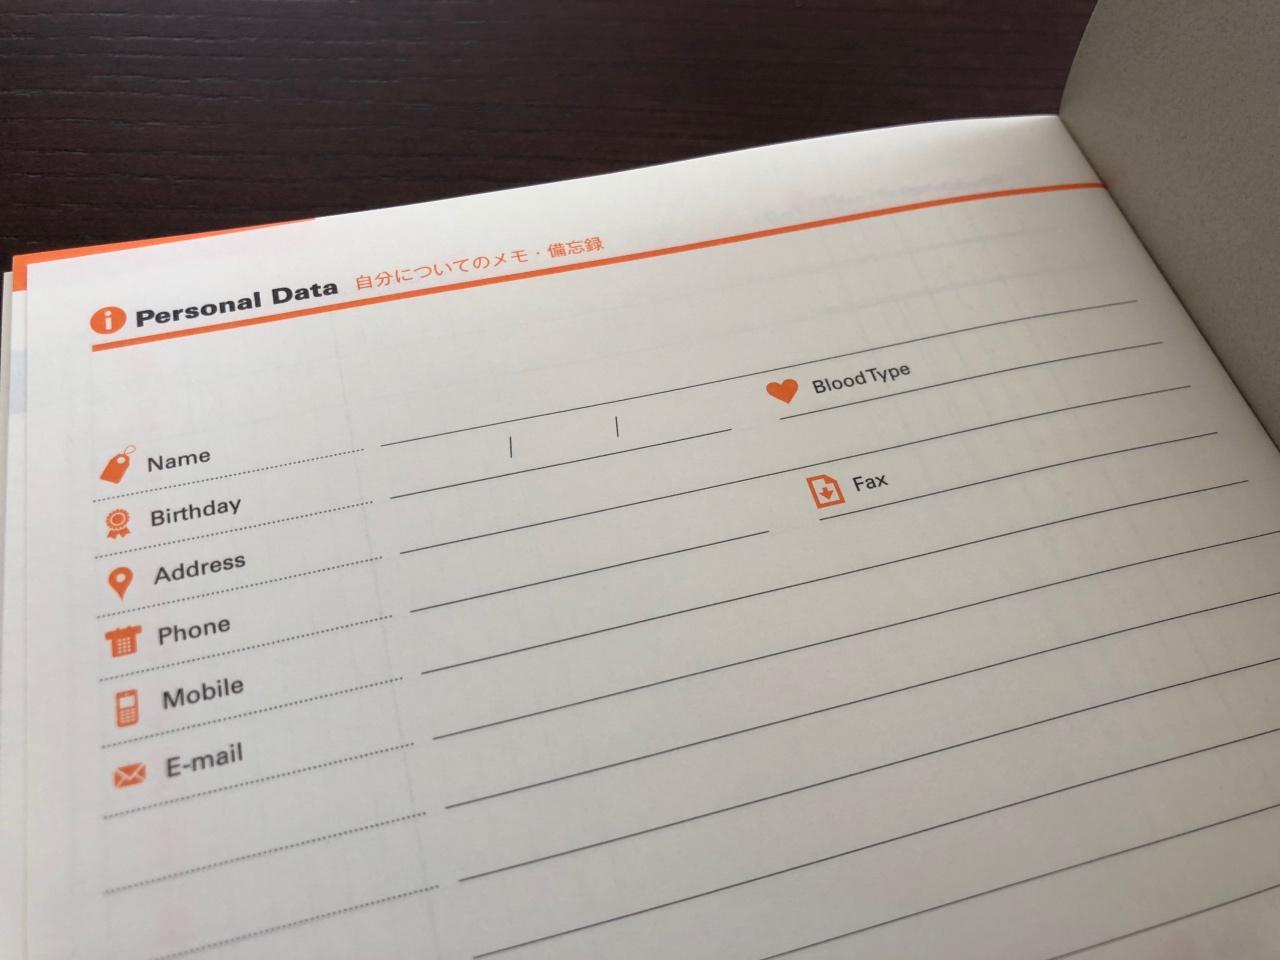 1日のタスクに集中できて使いやすい『週間ブロックタイプの手帳』はこれだった!